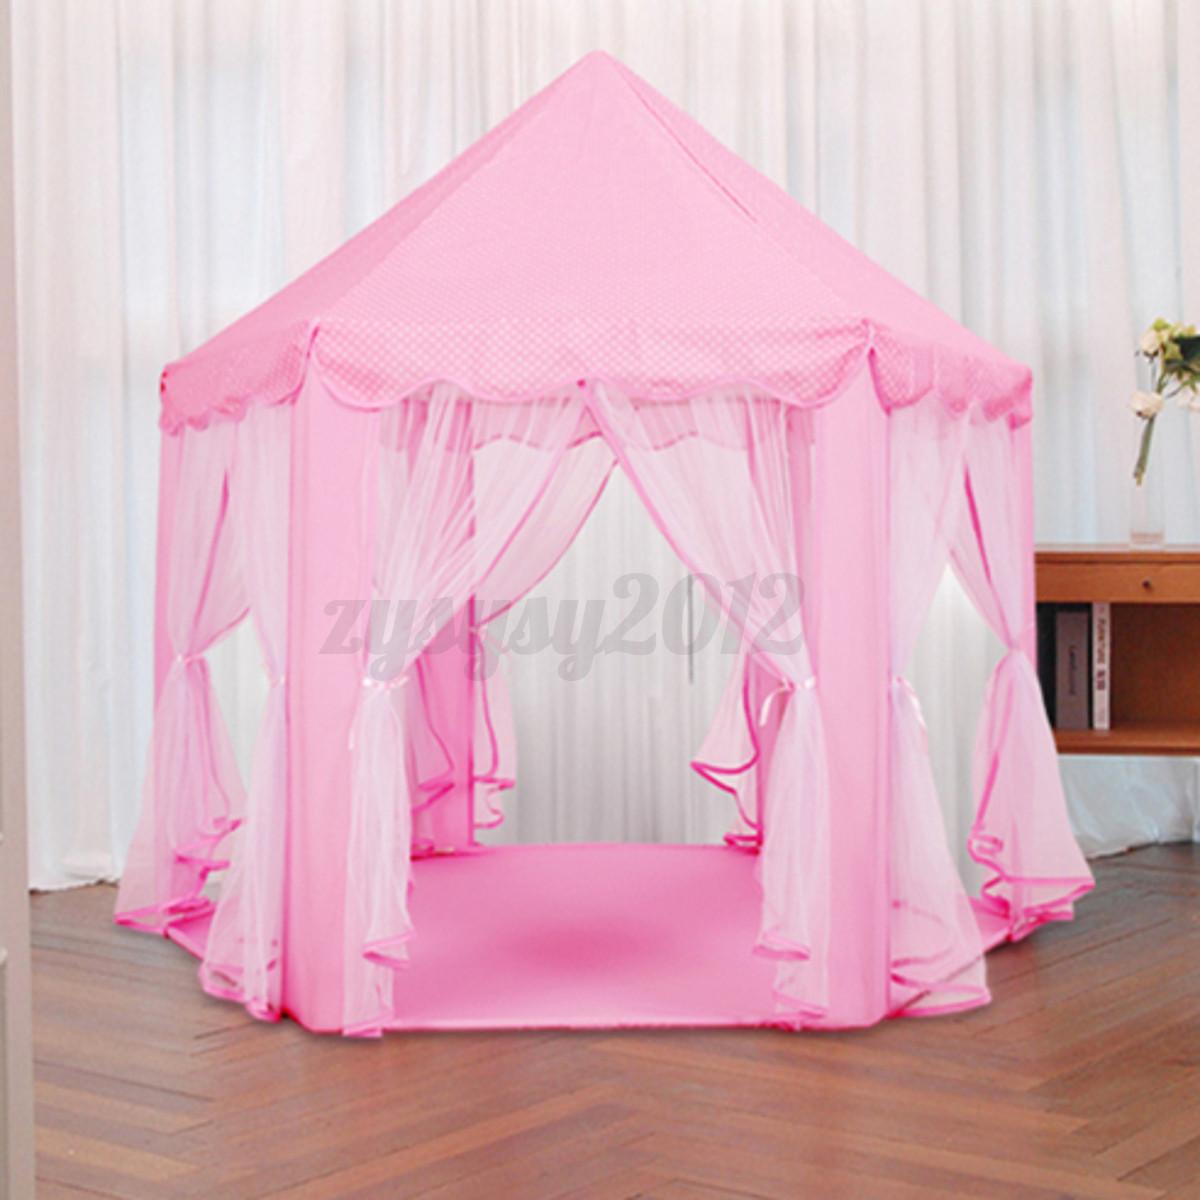 tente de jeu tipi pour enfants filles ch teau de princesse cabane maison jouet ebay. Black Bedroom Furniture Sets. Home Design Ideas